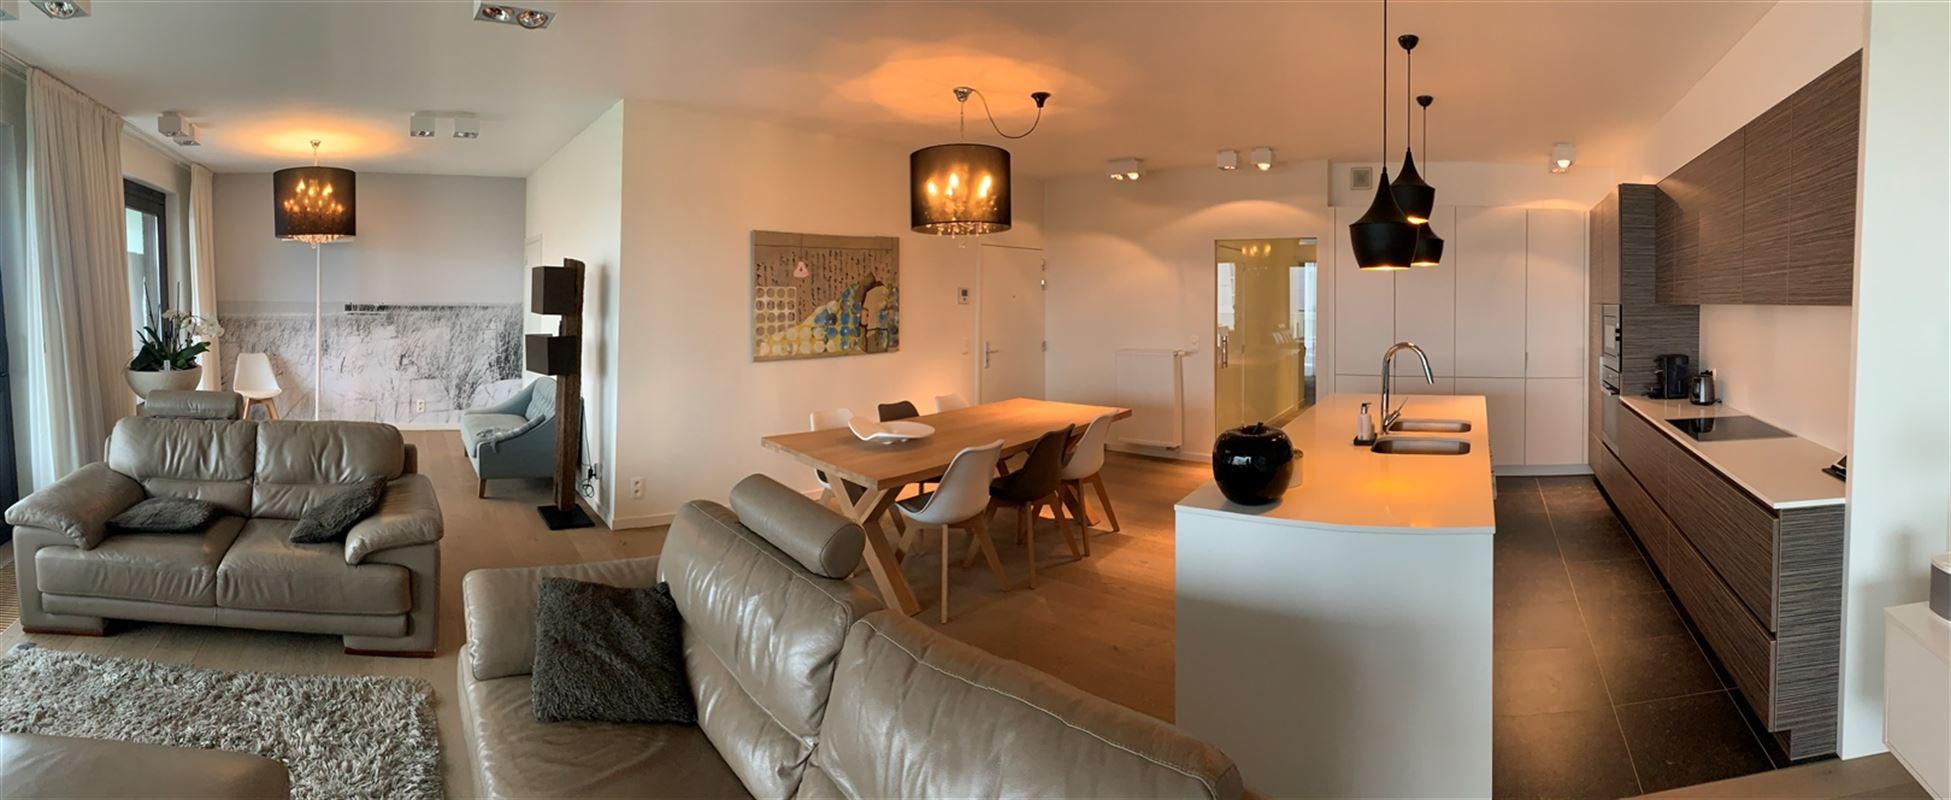 Foto 26 : Appartement te 8620 NIEUWPOORT (België) - Prijs € 650.000